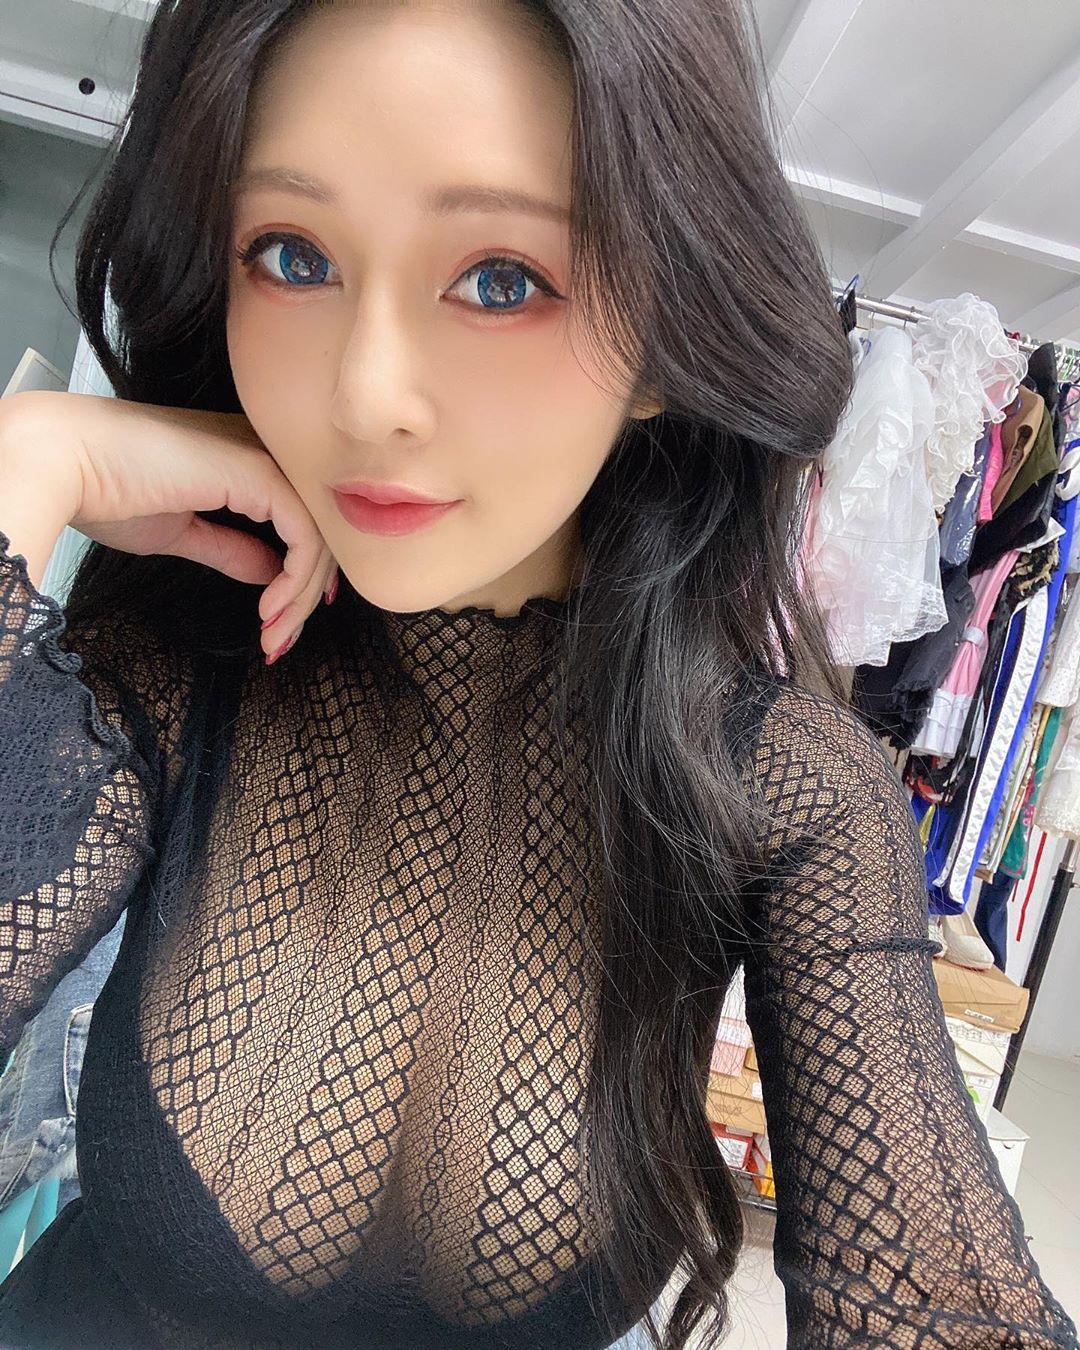 Chuang Huei Ru  白皙的嫩乳...畫面全被塞滿 - 美女圖 -